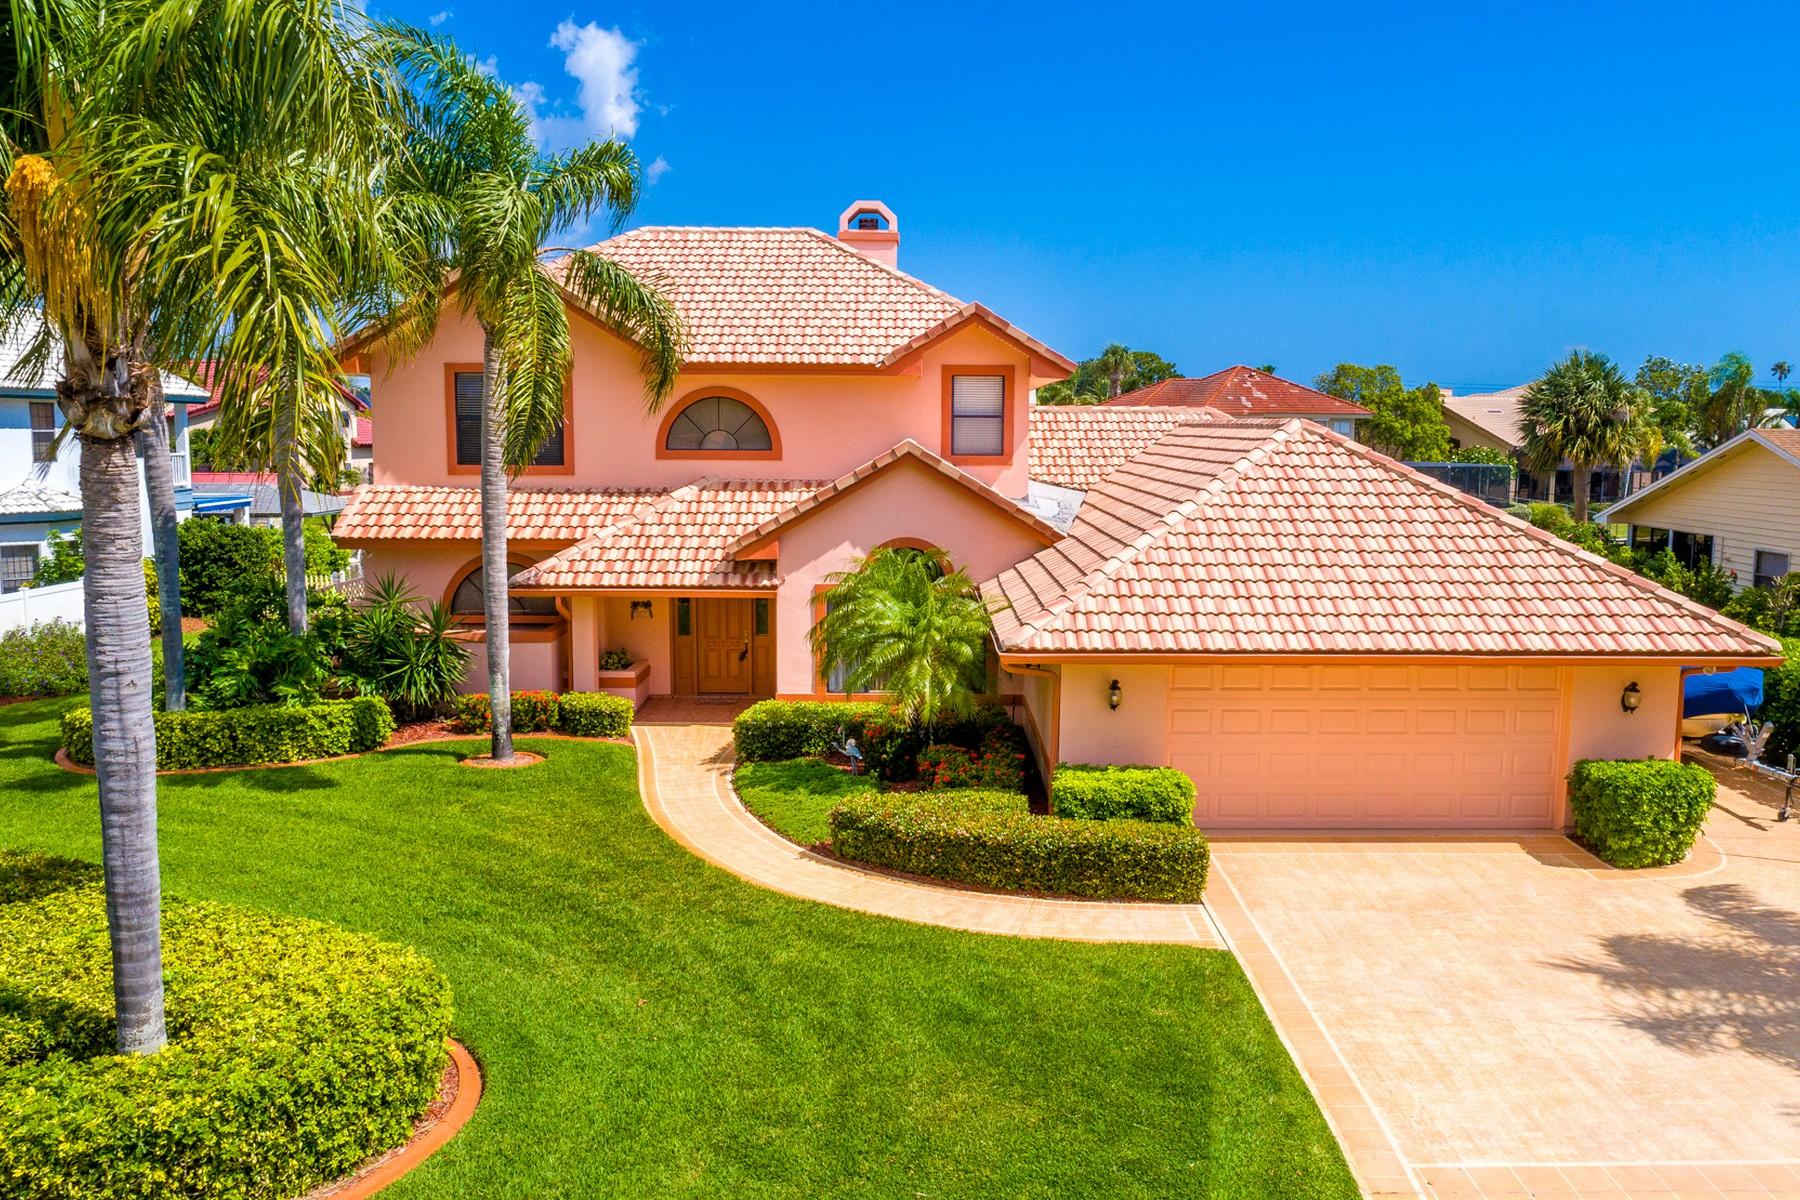 一戸建て のために 売買 アット 408 Anchor Key Melbourne Beach, フロリダ, 32951 アメリカ合衆国